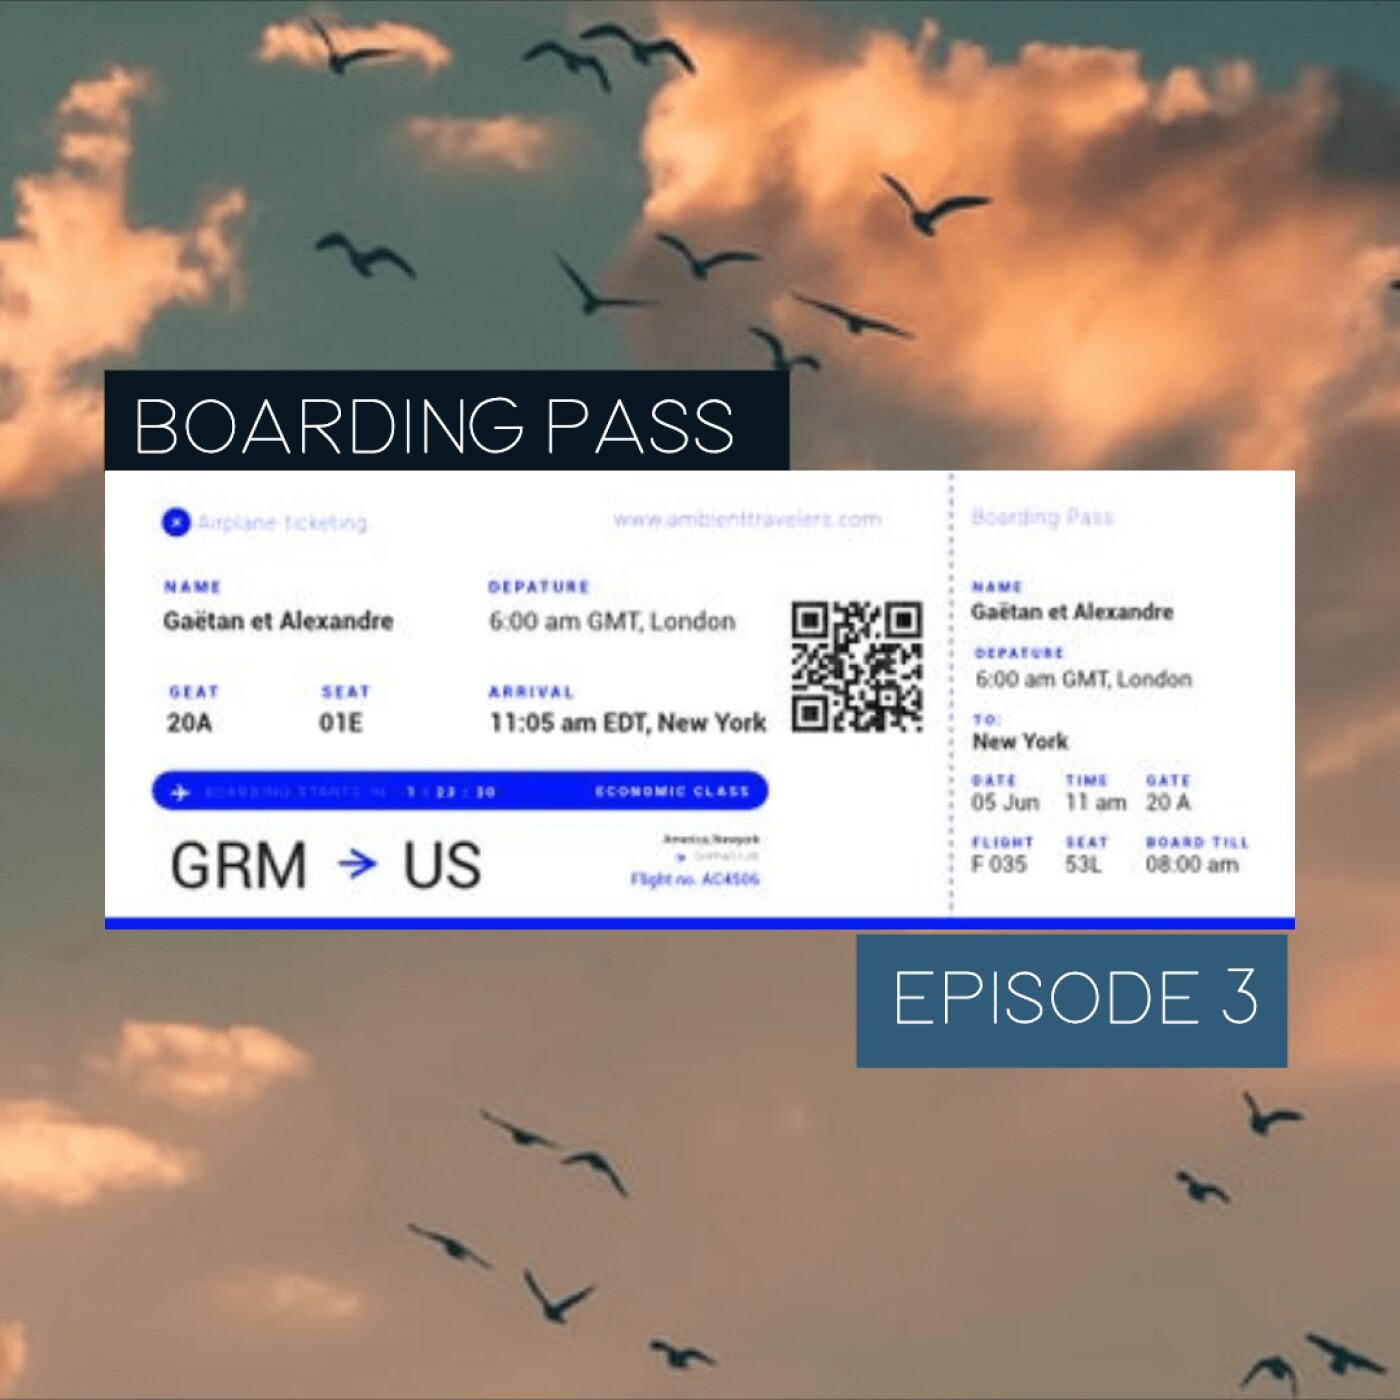 Boarding Pass 003 ✈️ Helios et Lamasz